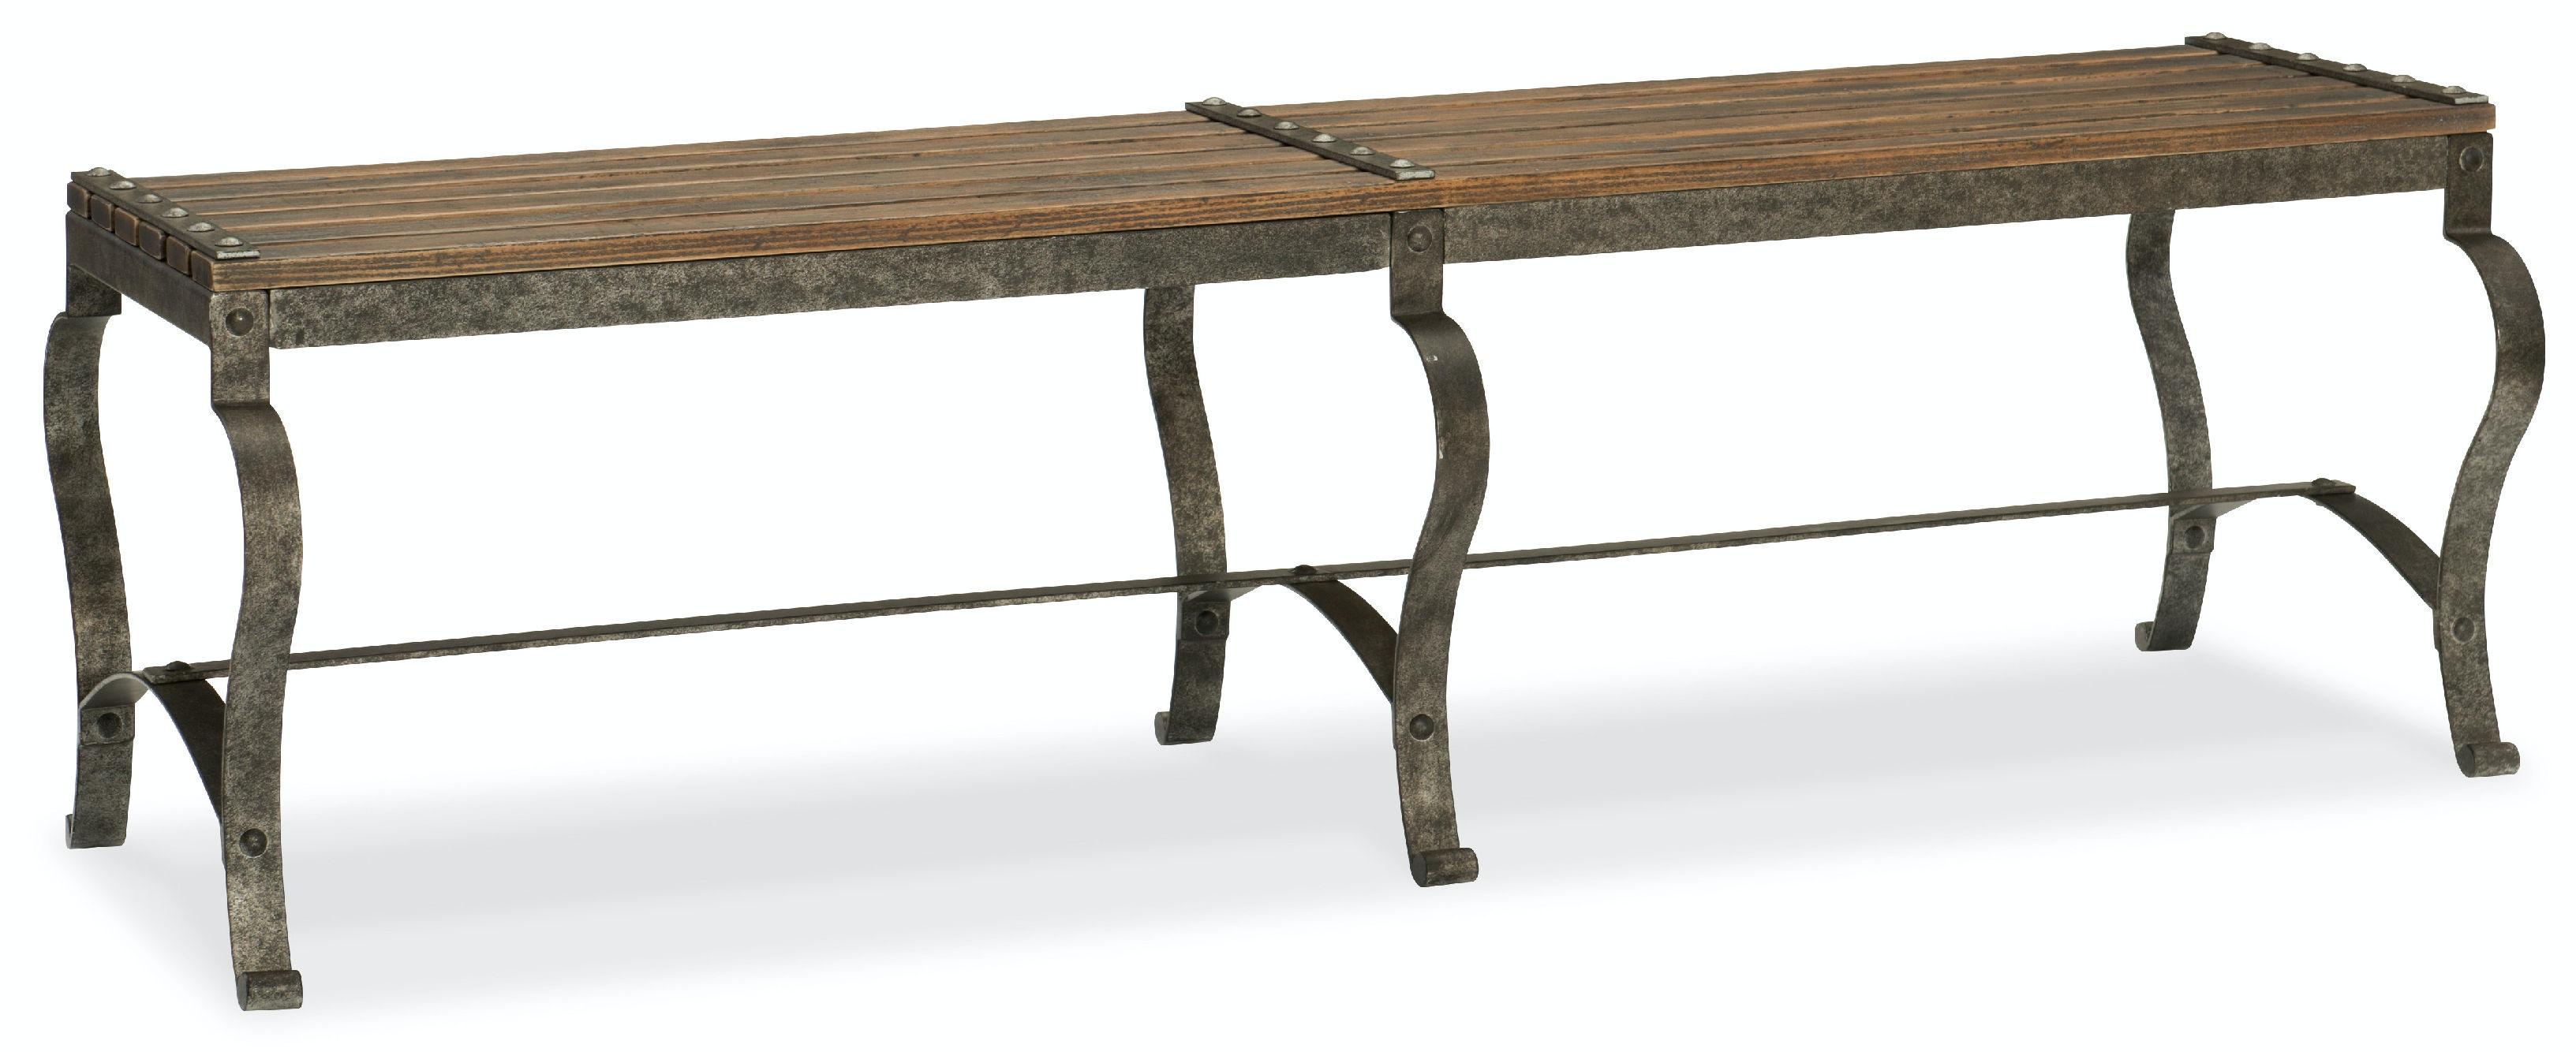 Bedroom bench dimensions - Hooker Furniture Ozark Bed Bench 5960 90019 Mtl